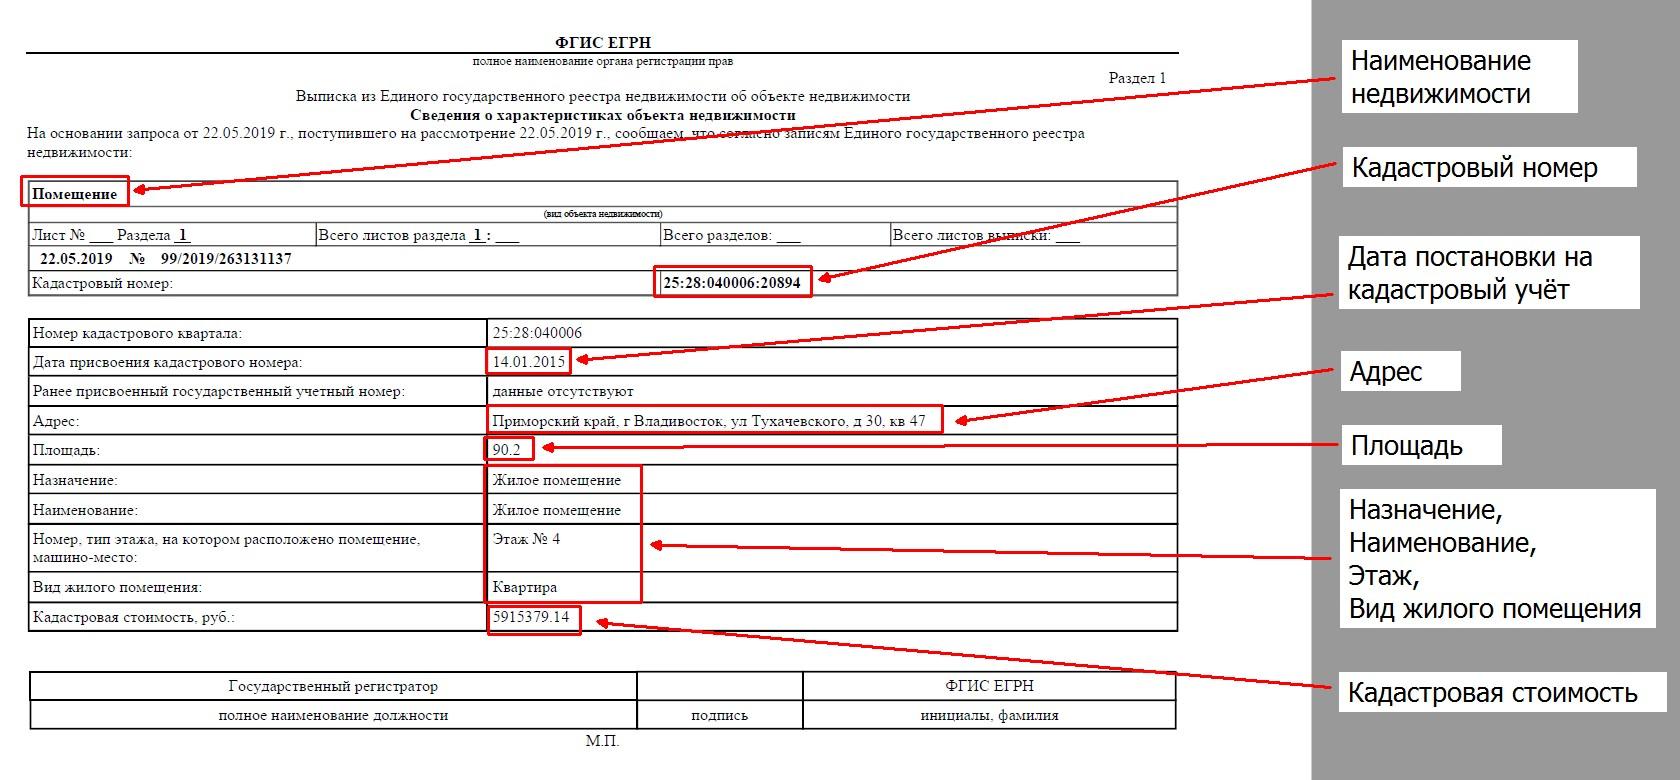 Кадастровый учет недвижимости сопровождается внесением сведений в ЕГРН. Собственник получит выписку ЕГРН после завершения учета.